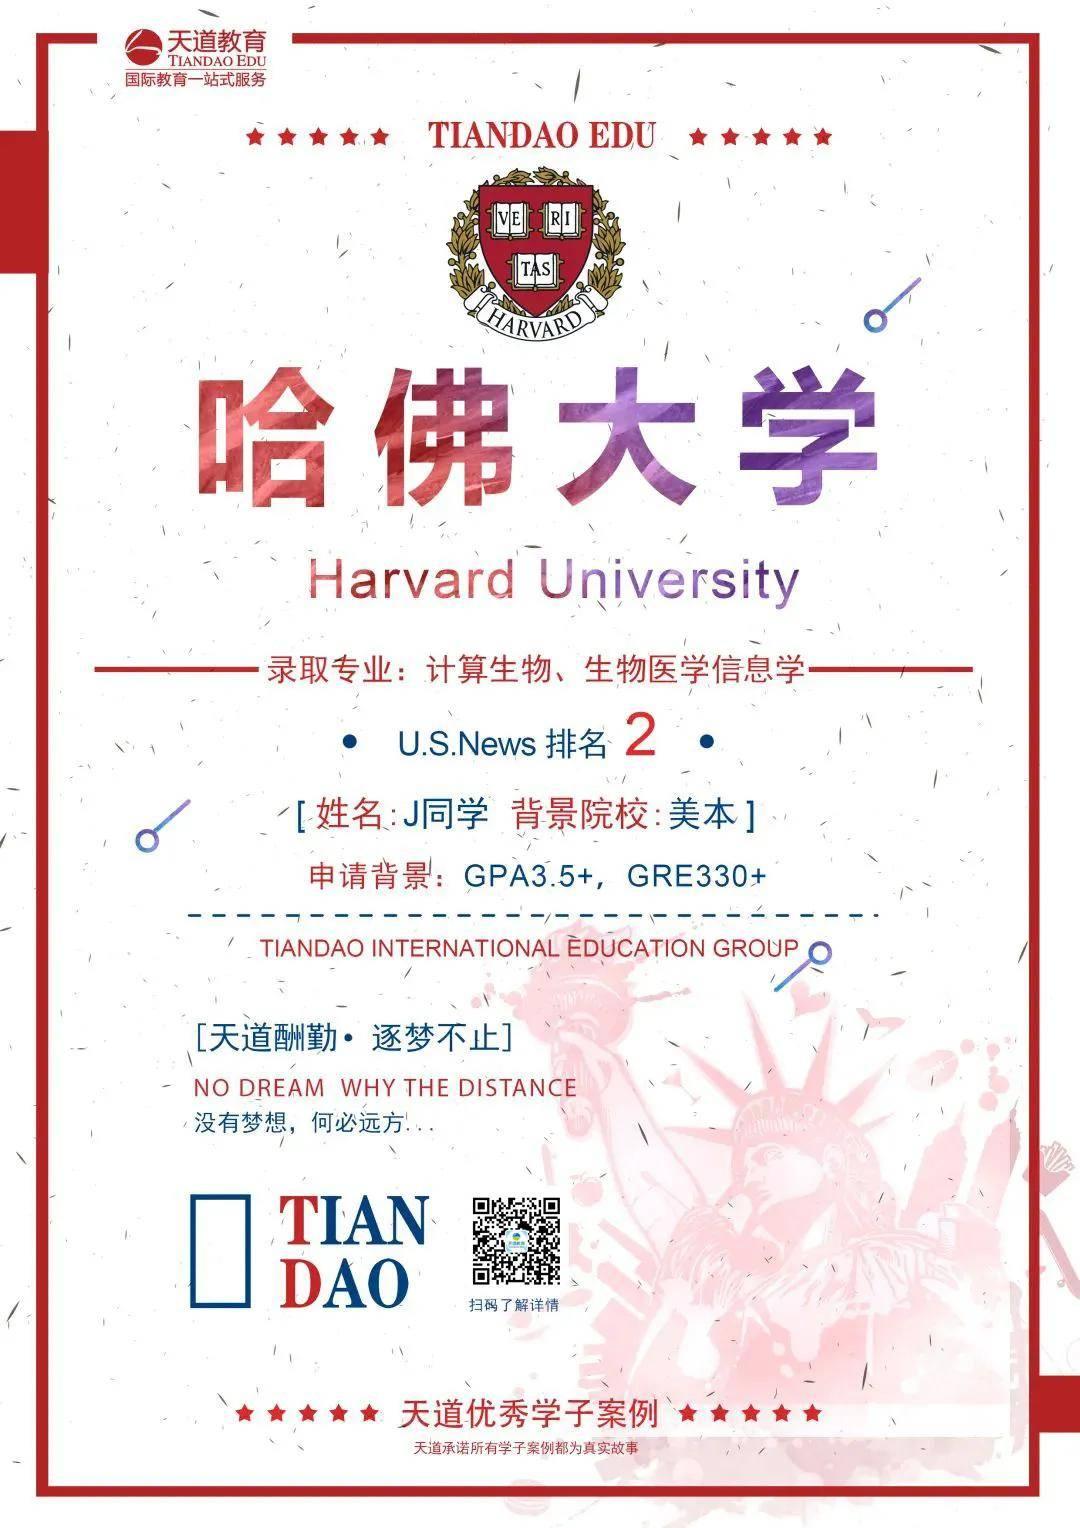 历经三年留学规划,我圆梦哈佛啦~